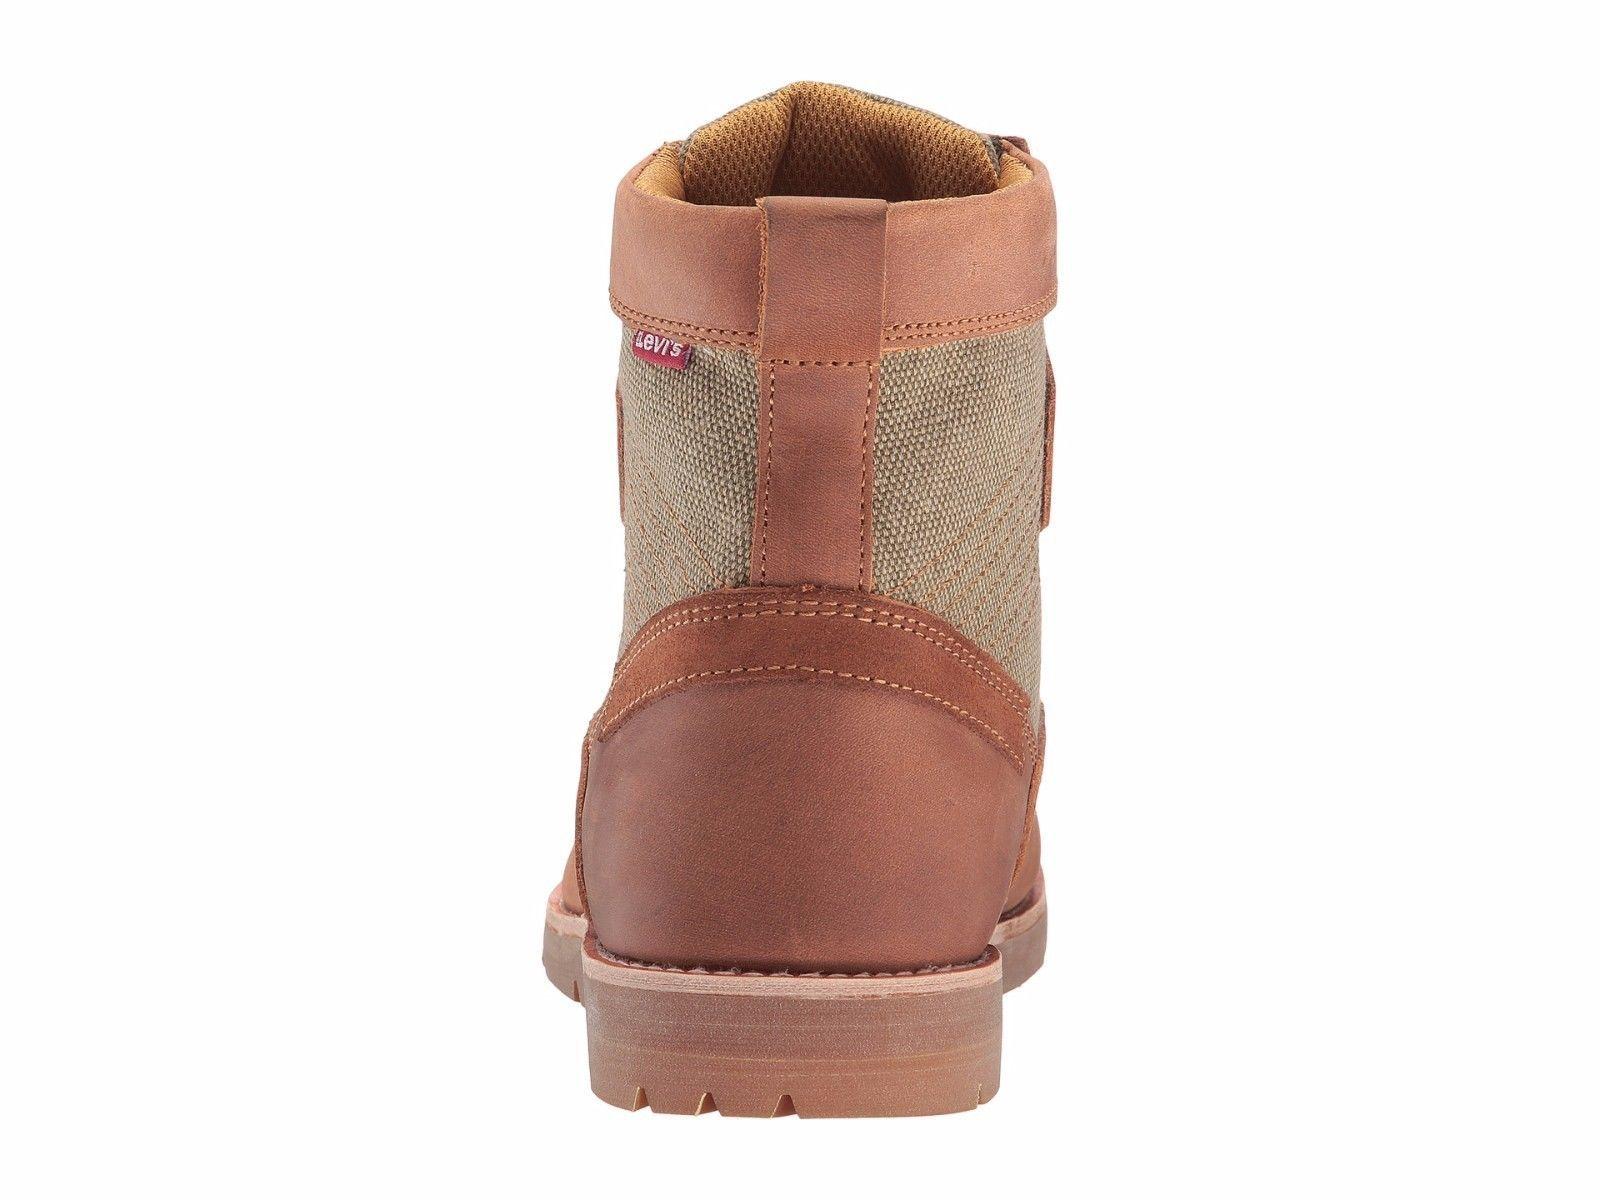 Mens Levi's Dawson Hemp Khaki/British Tan Boots [517205-J95]